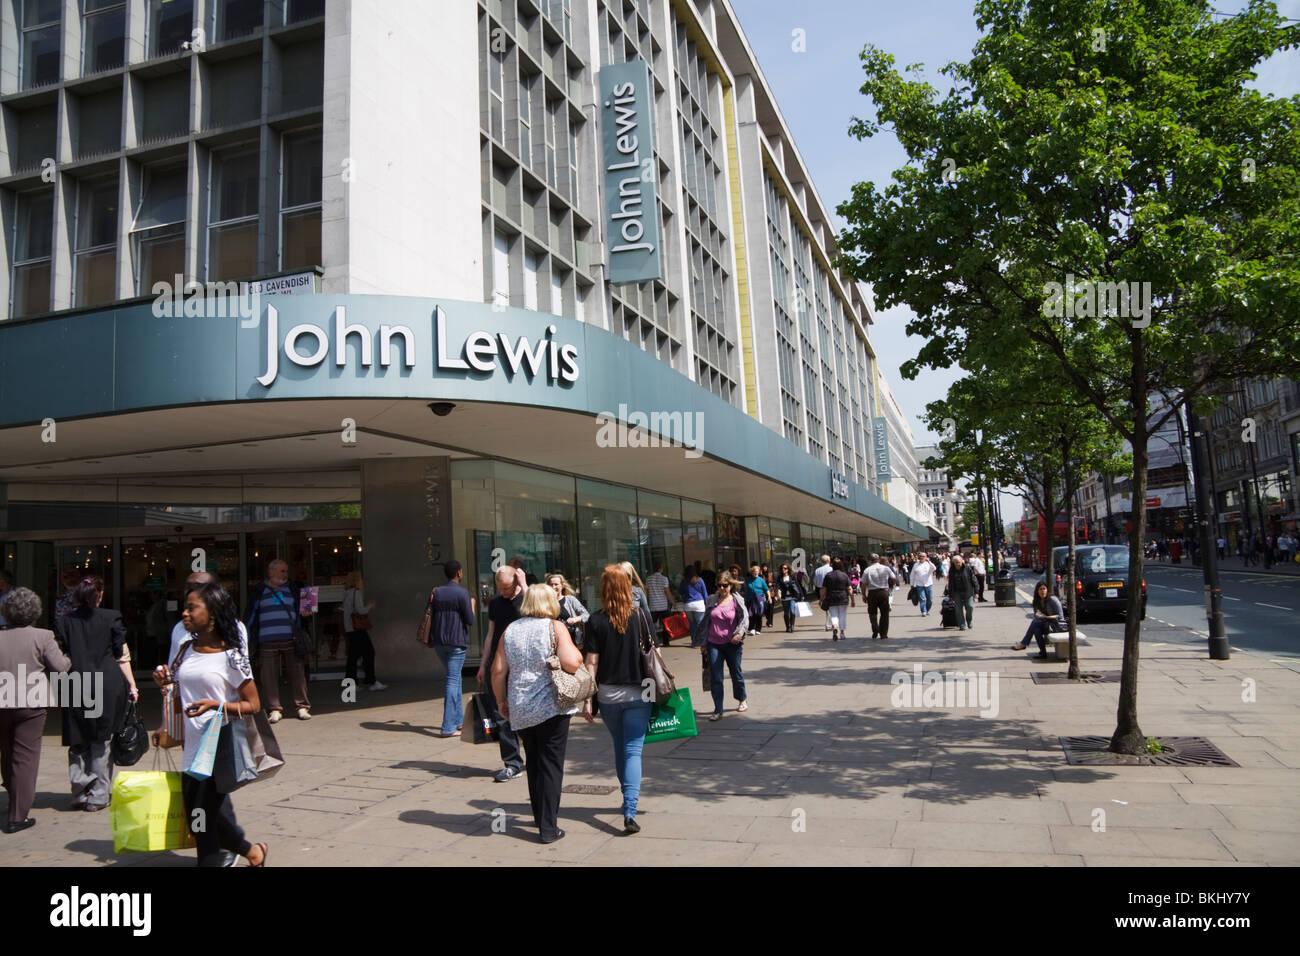 People shopping John Lewis department store/shop, Oxford Street, London, England, UK - Stock Image